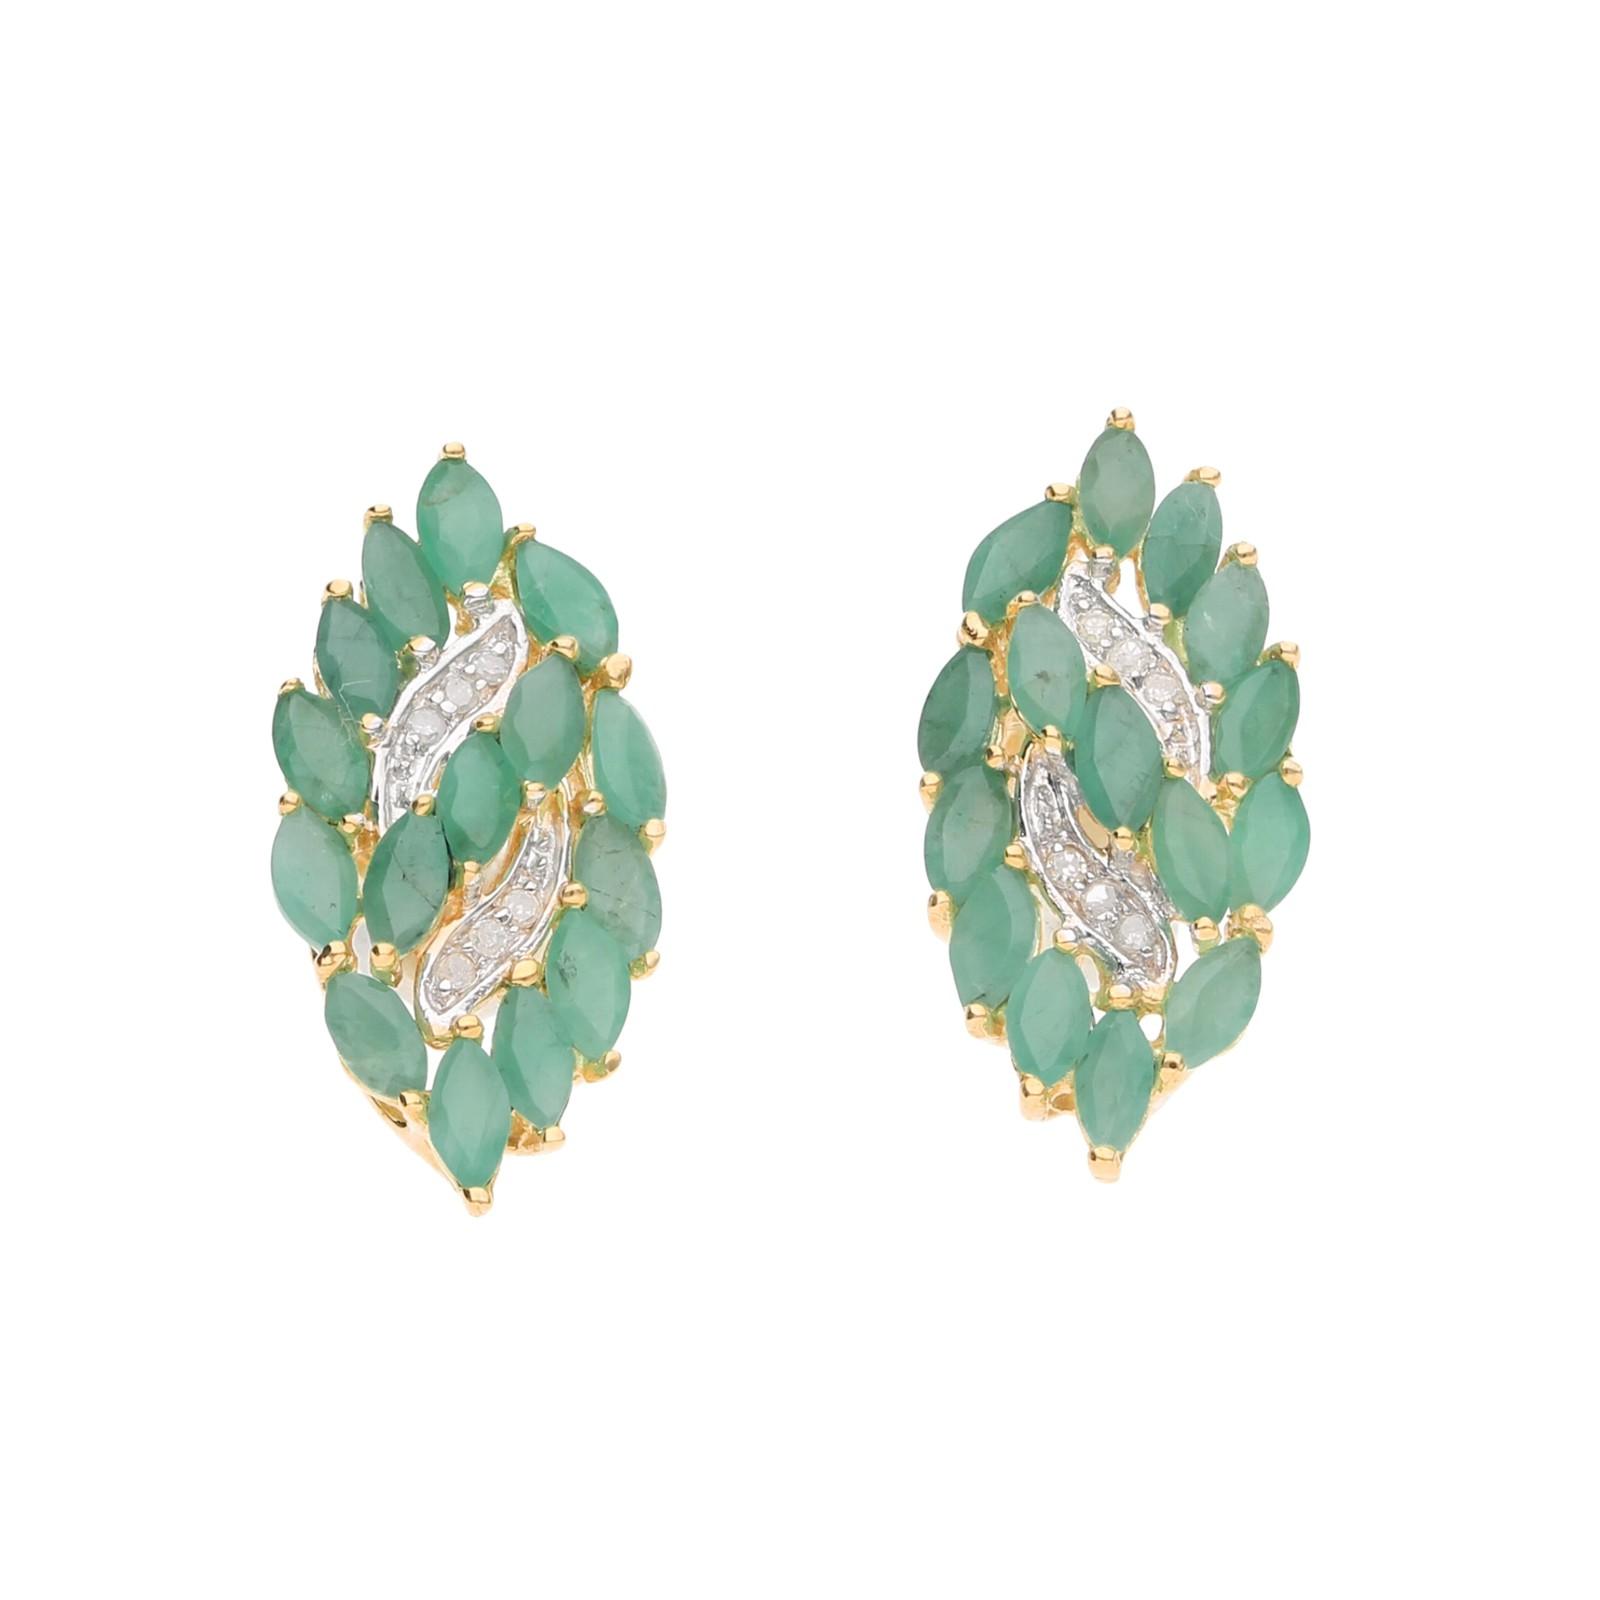 Smaragde und Diamanten, Gold 585